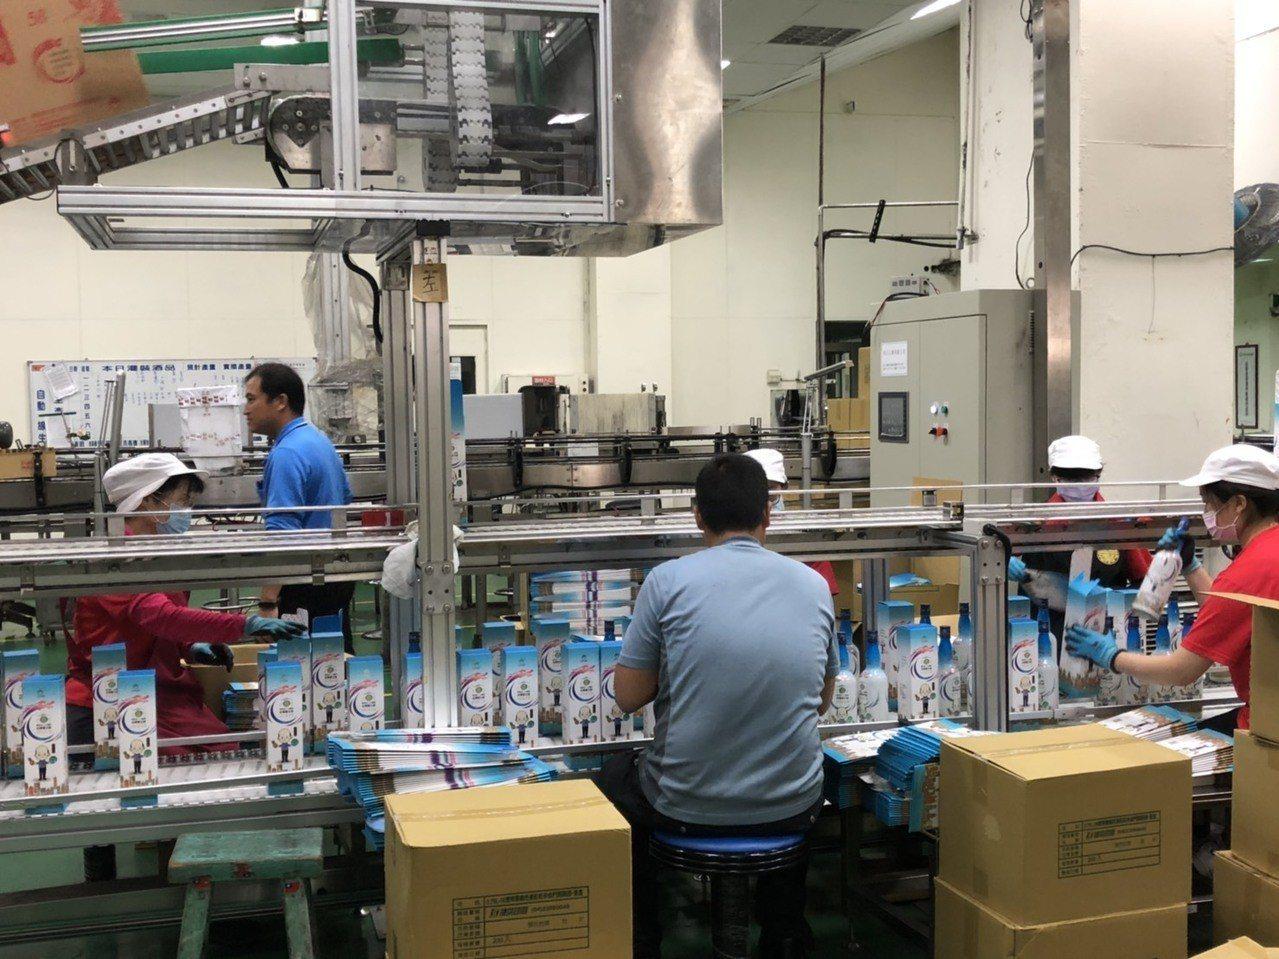 金門酒廠的韓國瑜紀念酒,近日正趕工量產,預計首批有20萬瓶。記者蔡家蓁/攝影